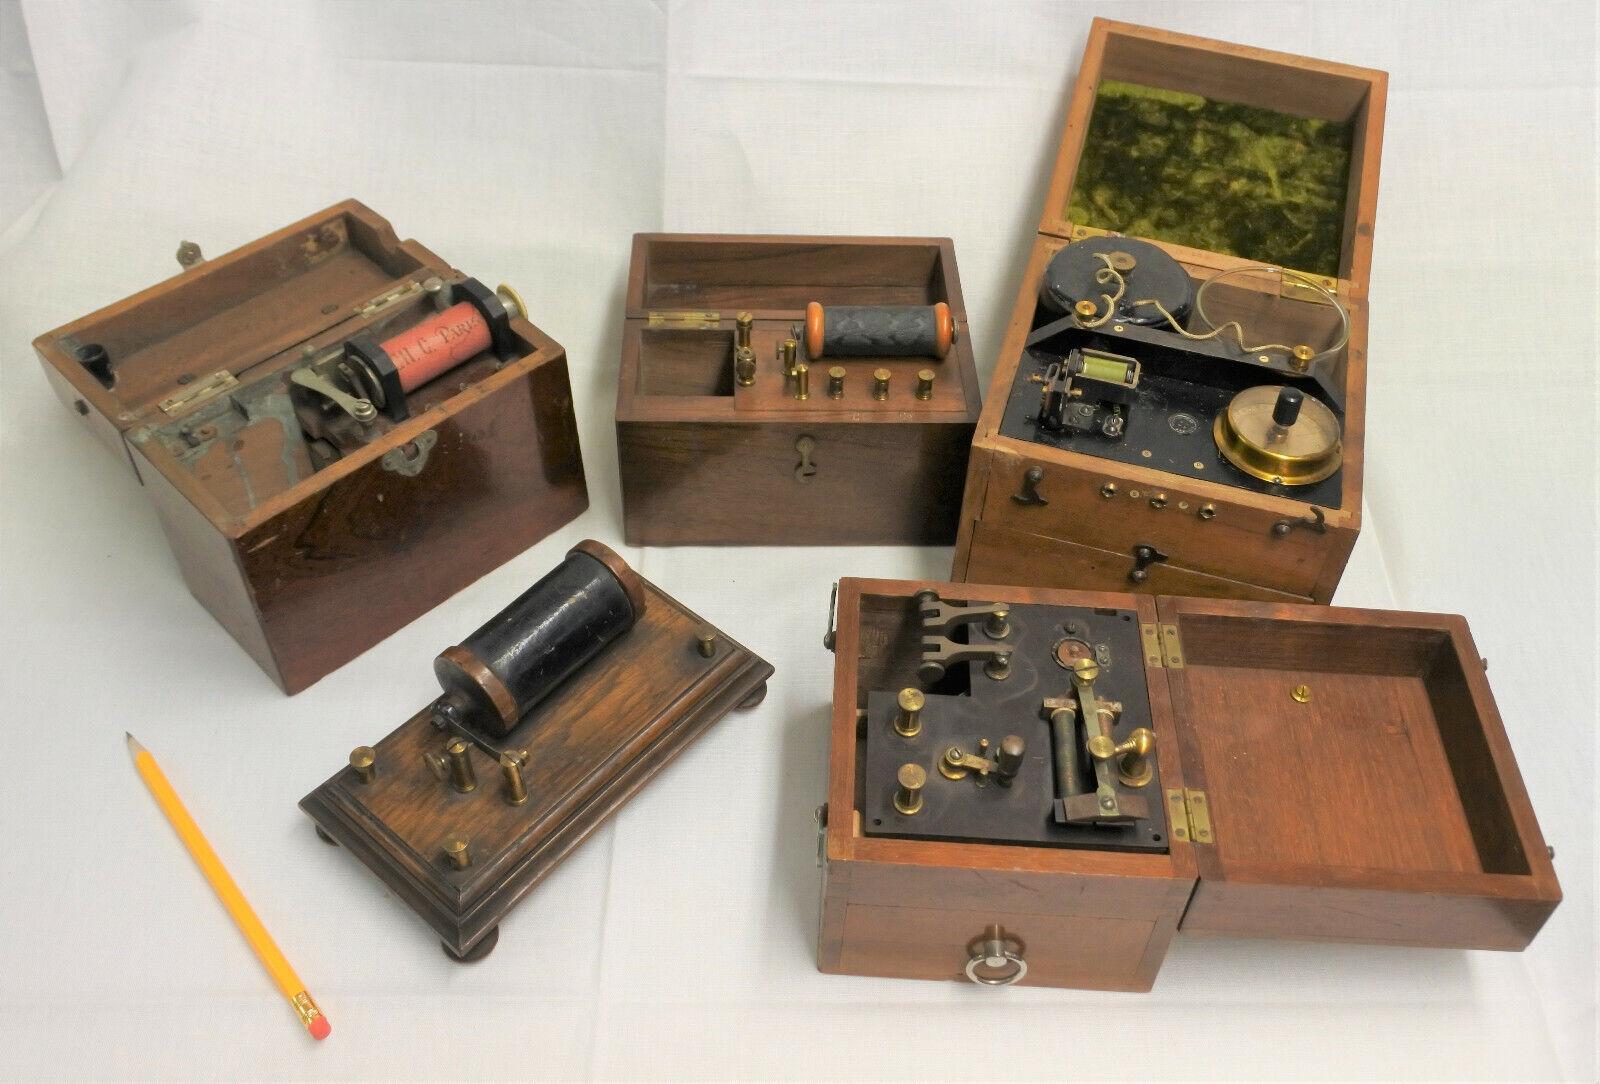 Alte Messgeräte von ca. 1910-20 elkt-Medizin